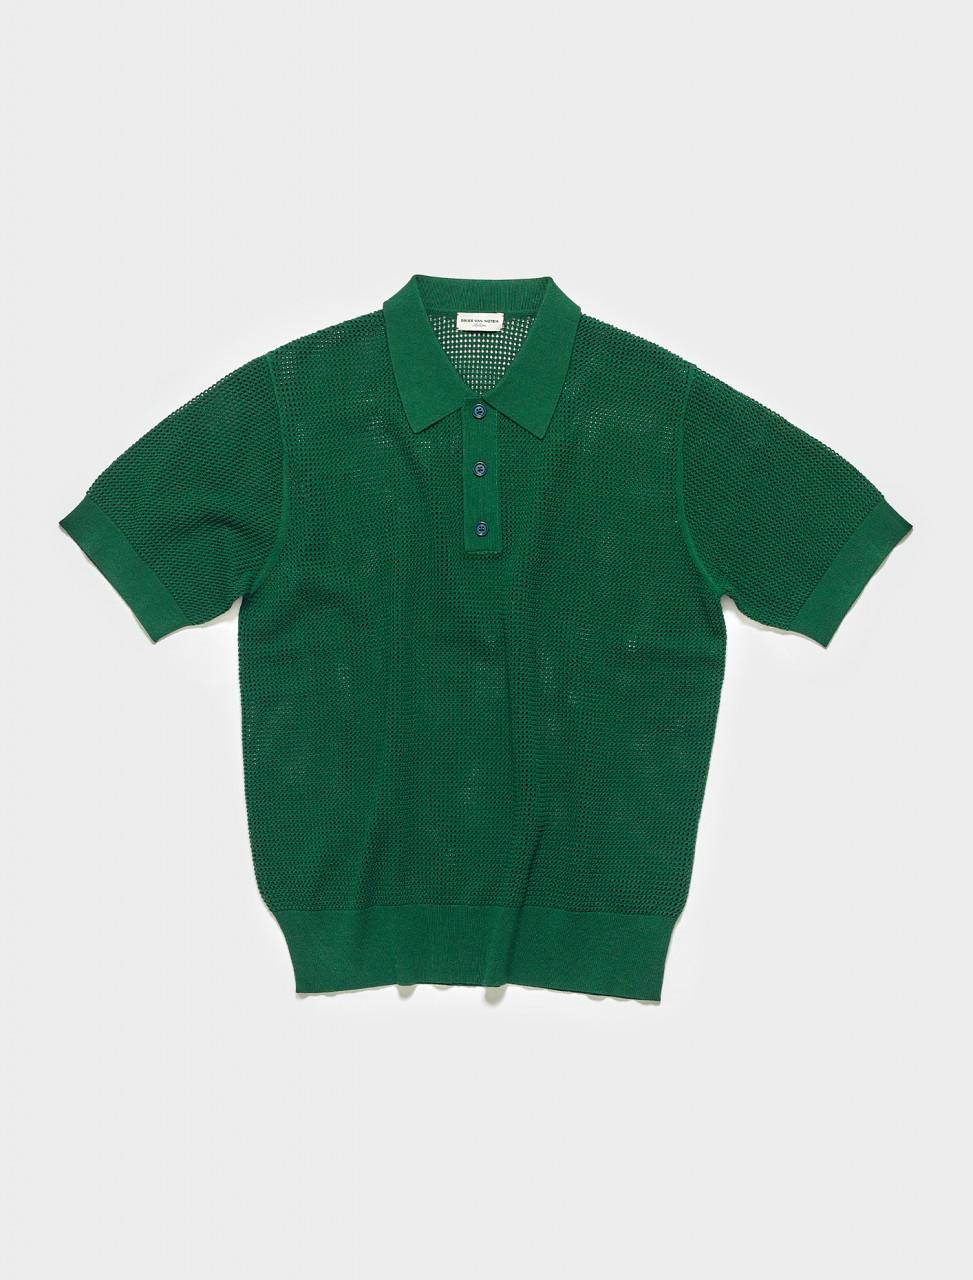 Nand Knit Polo